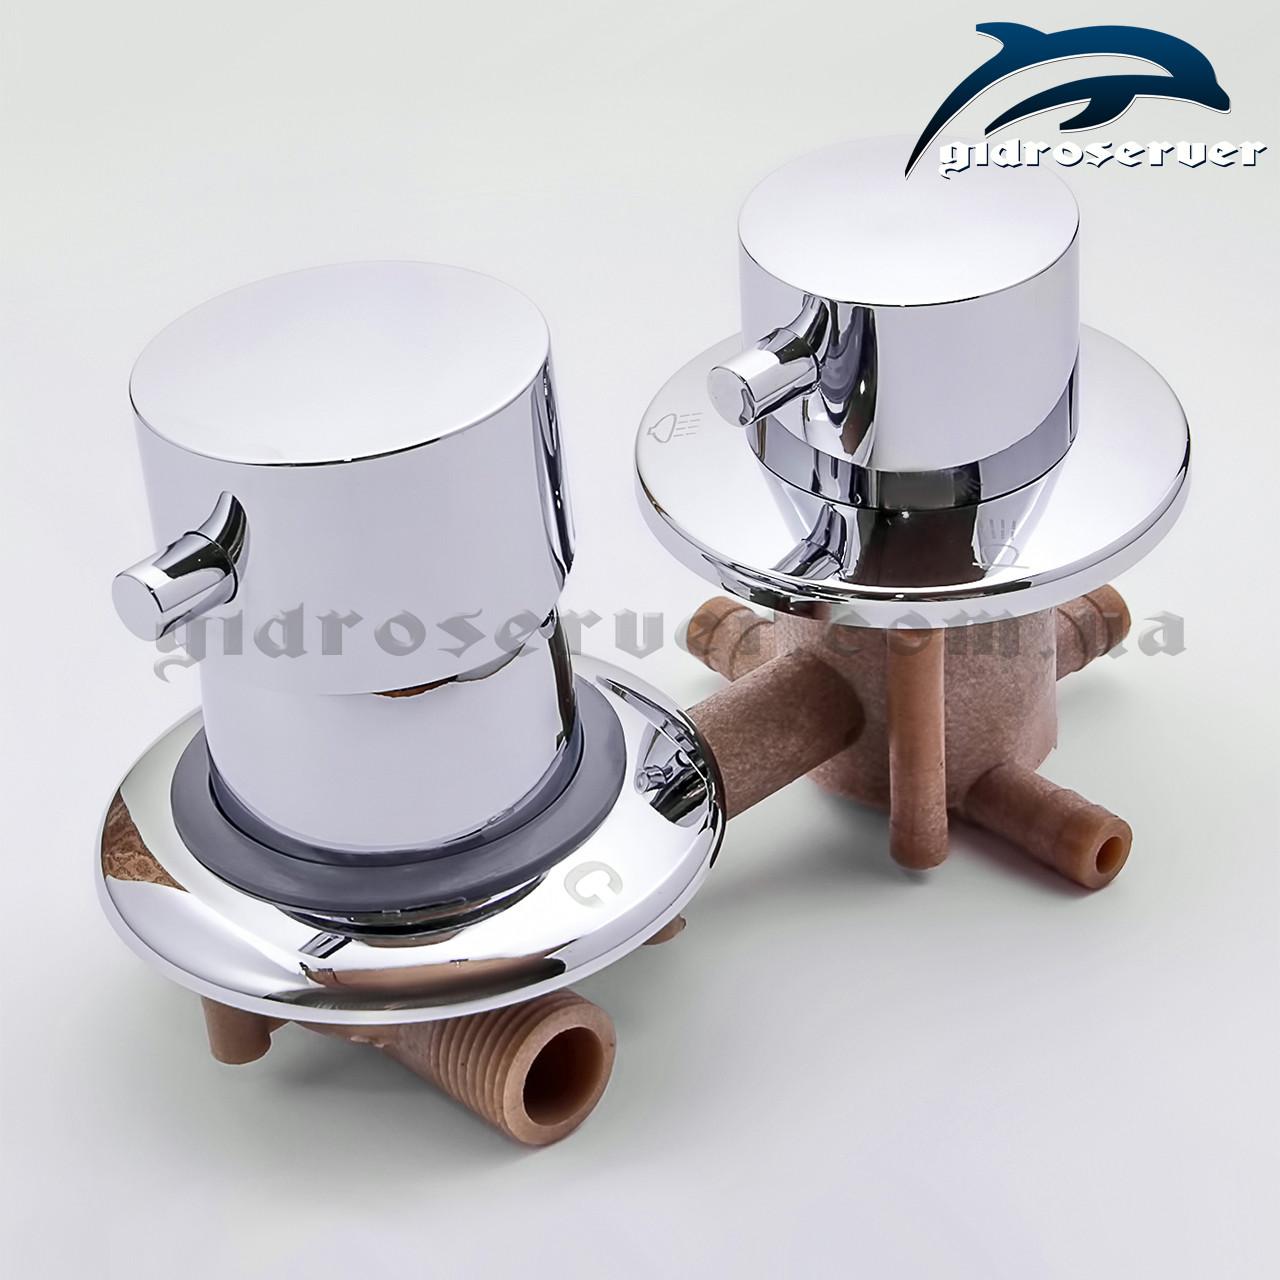 Смеситель для душевой кабины, гидробокса S3 - 100P на 3 положения.